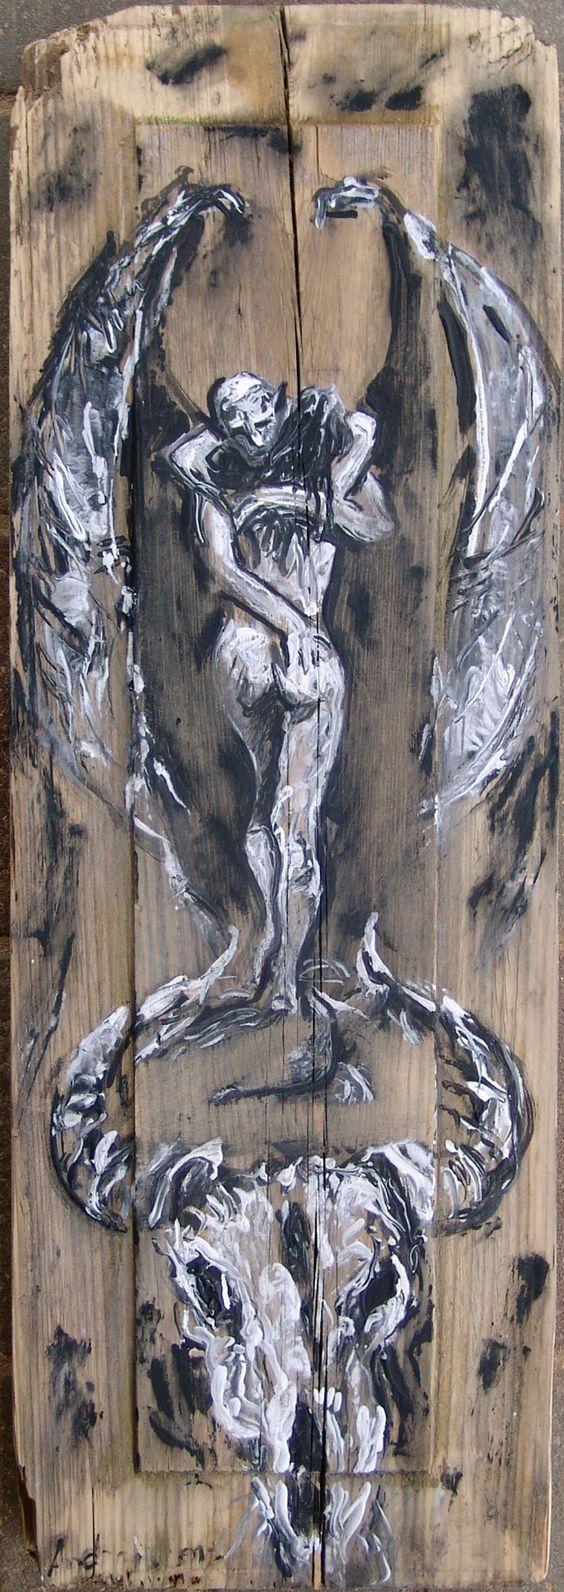 2016.11.10. Love of Vampire. Detail from old door. acrylic/wood desk, 73x24x4 cm https://www.facebook.com/andrey.bovtovich